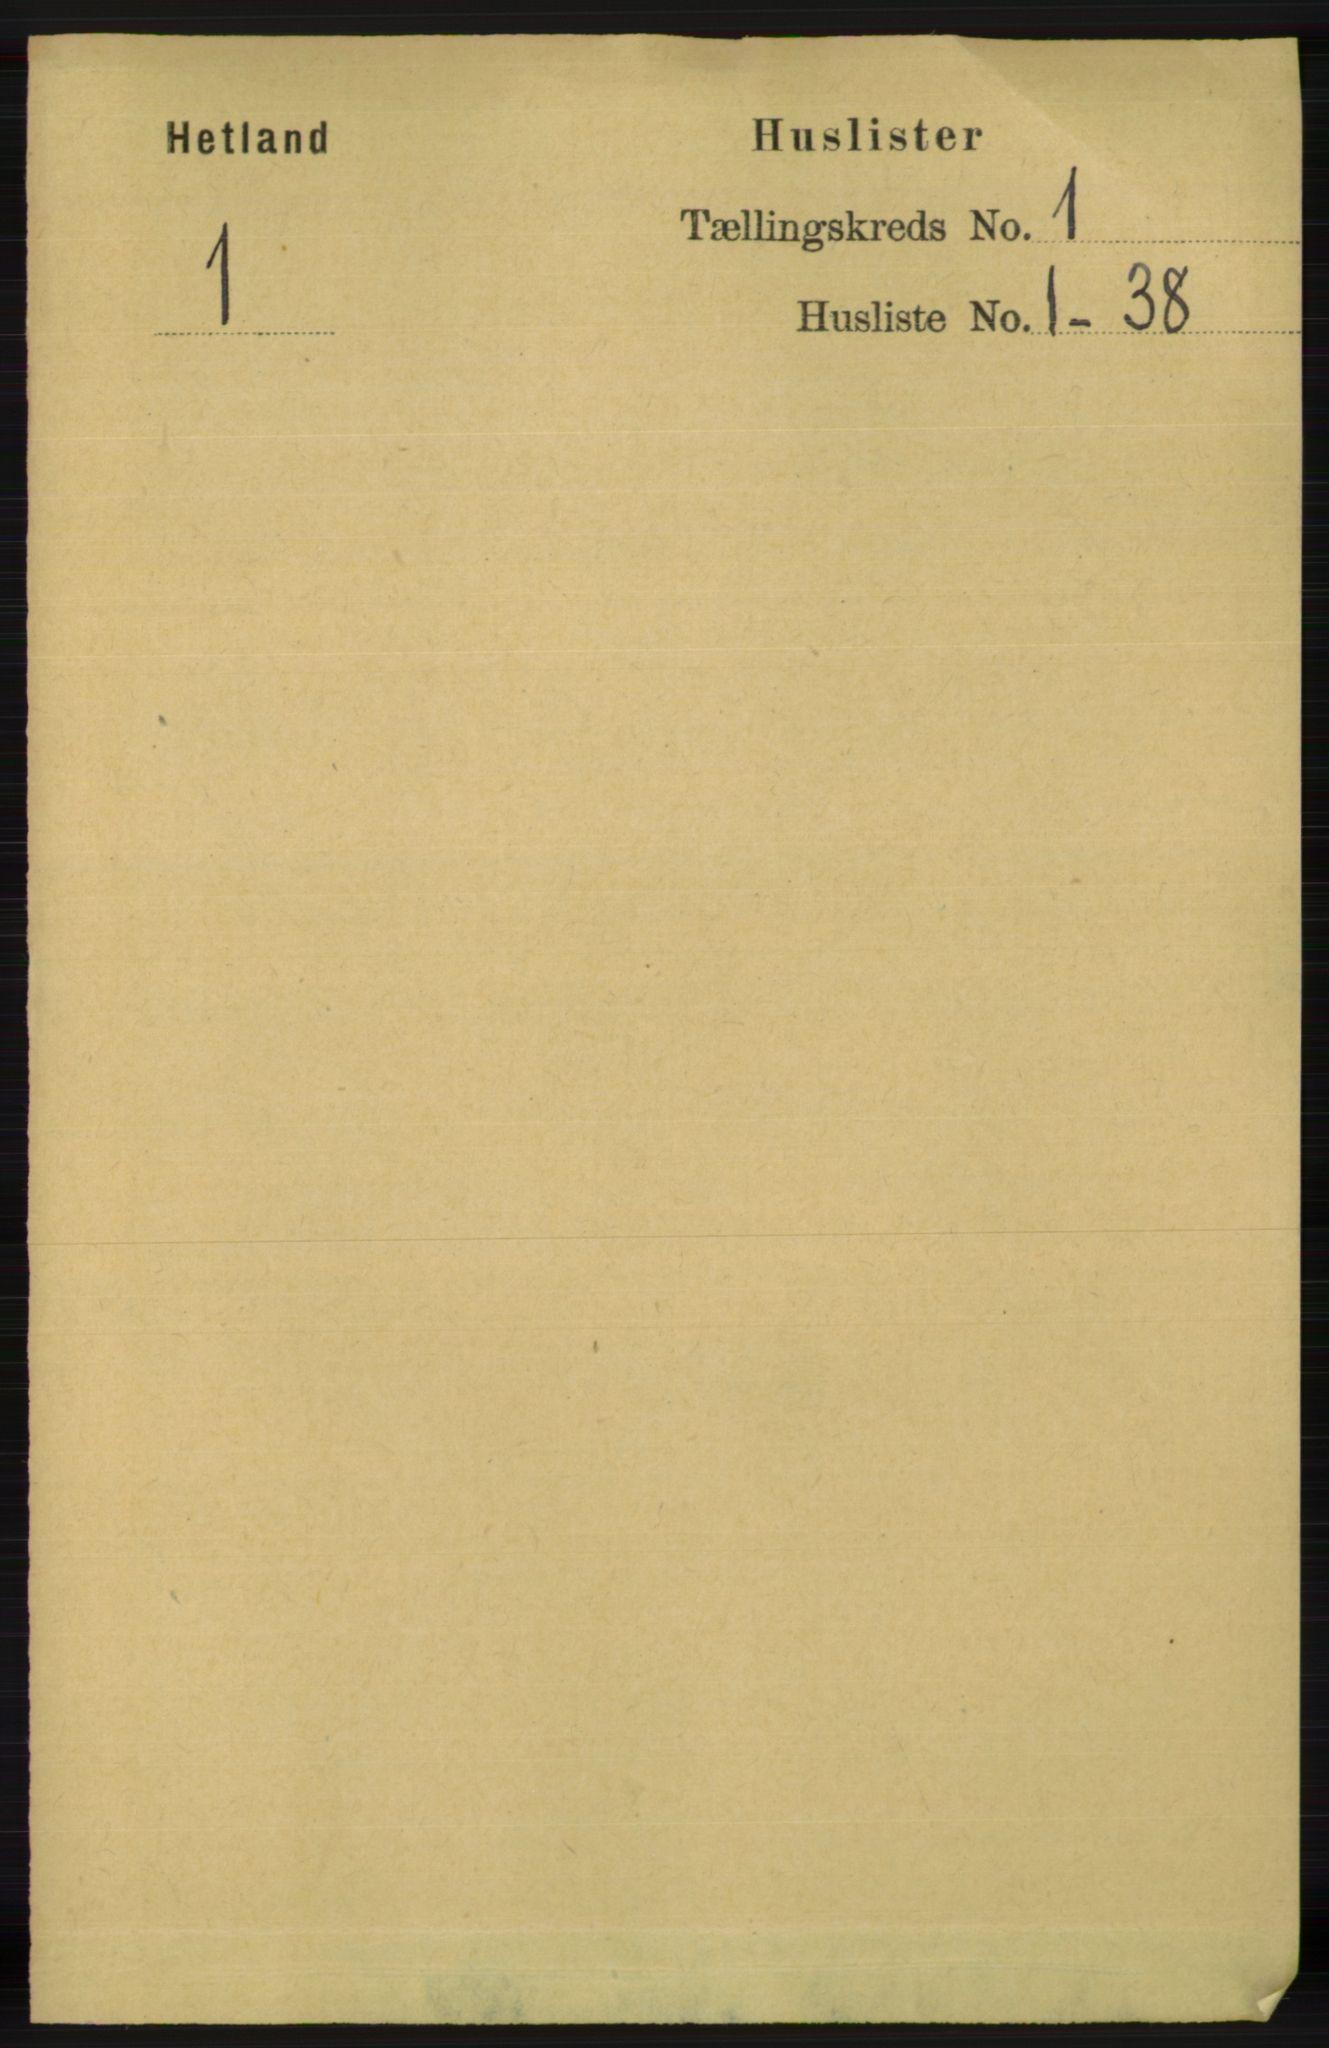 RA, Folketelling 1891 for 1126 Hetland herred, 1891, s. 27